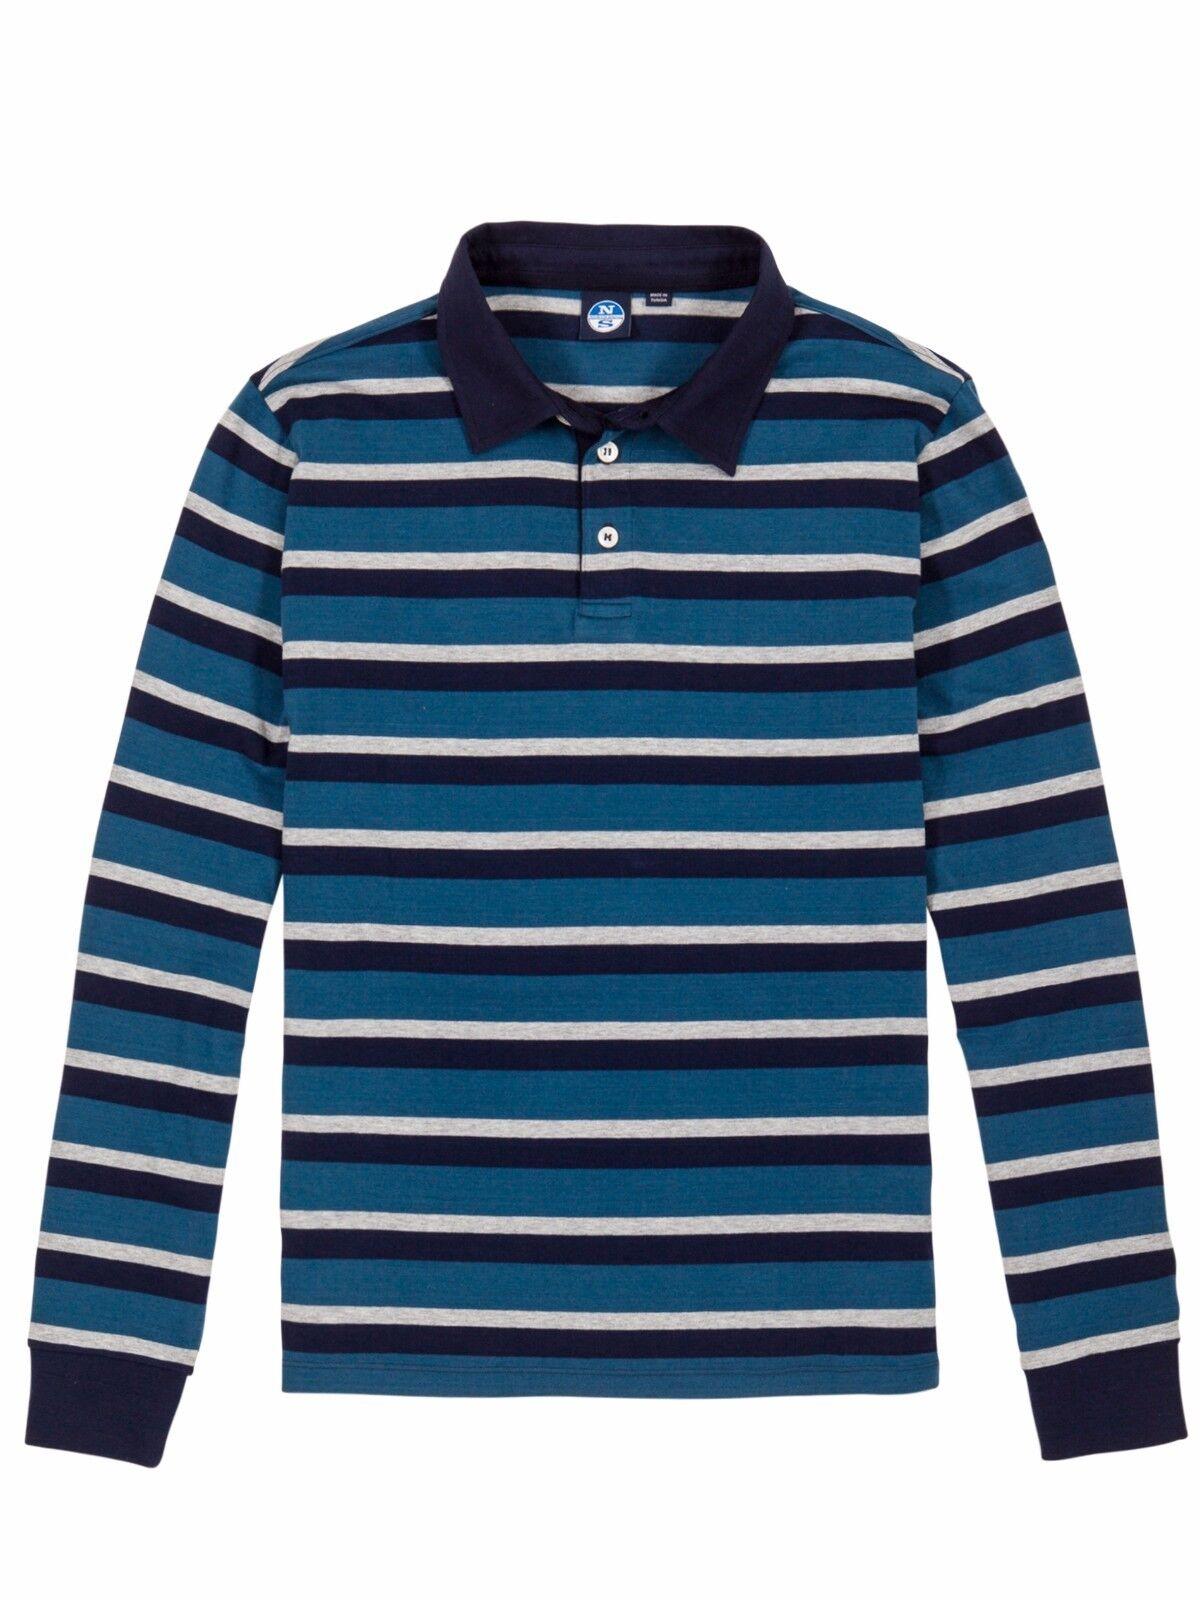 Maglia Polo da uomo blu a righe manica lunga North Sails casual moda bottoni